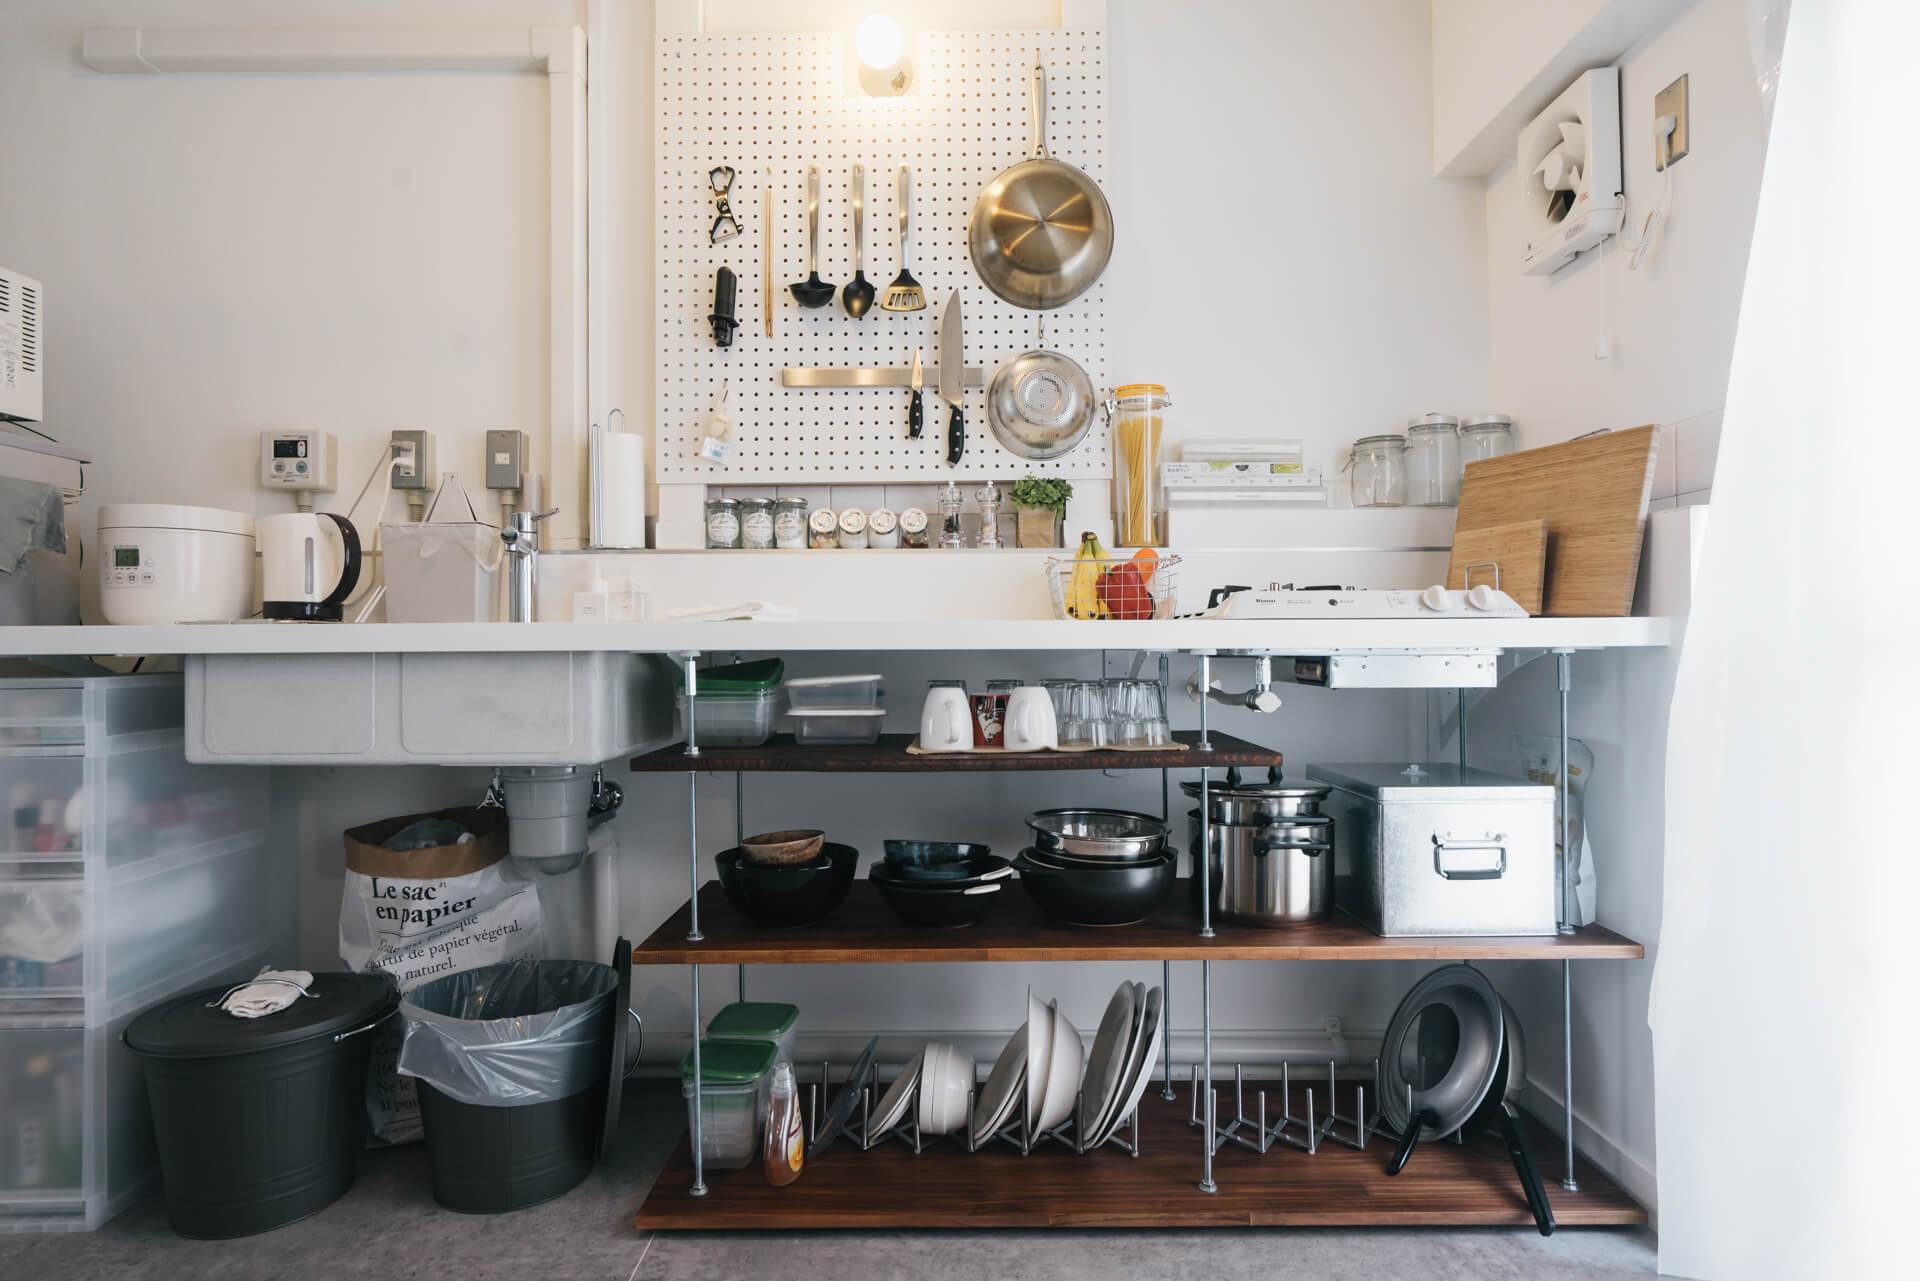 耐熱メラミン化粧板の広いワークトップがすごく気に入っている、というキッチン。もともと収納は一切なく、とてもシンプル。